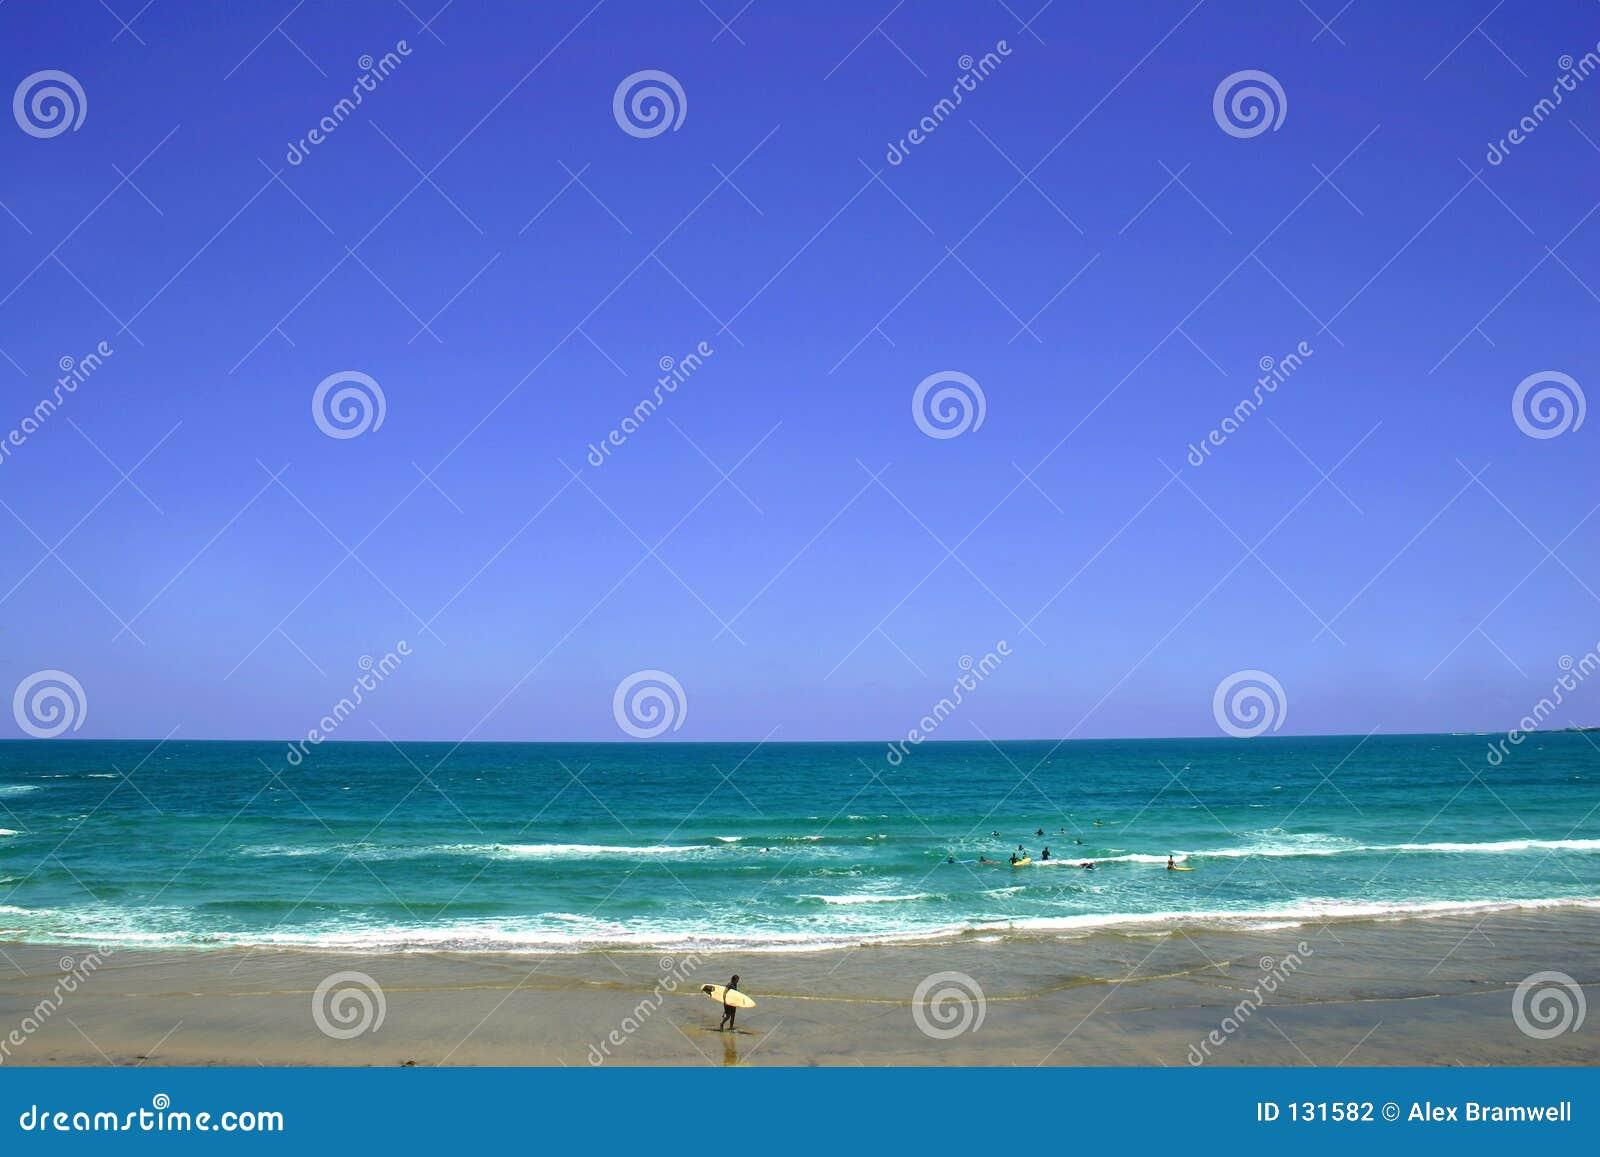 Surfista pelo mar